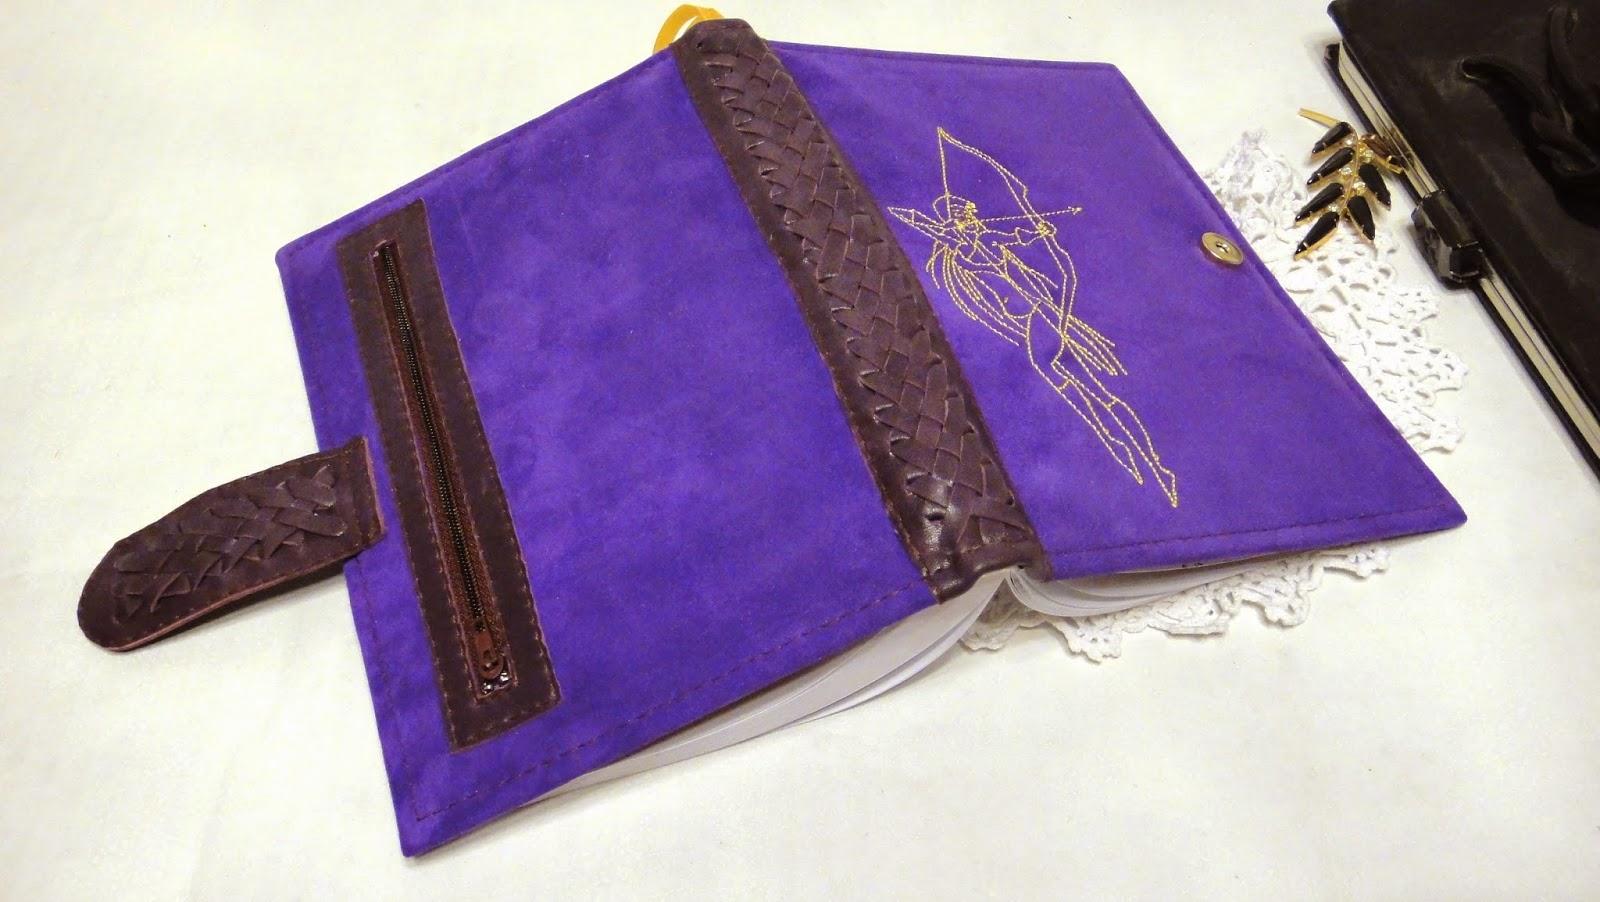 Датированный ежедневник 2015 из фиолетовой кожи Знаки Зодиака Стрелец Подарок девушке